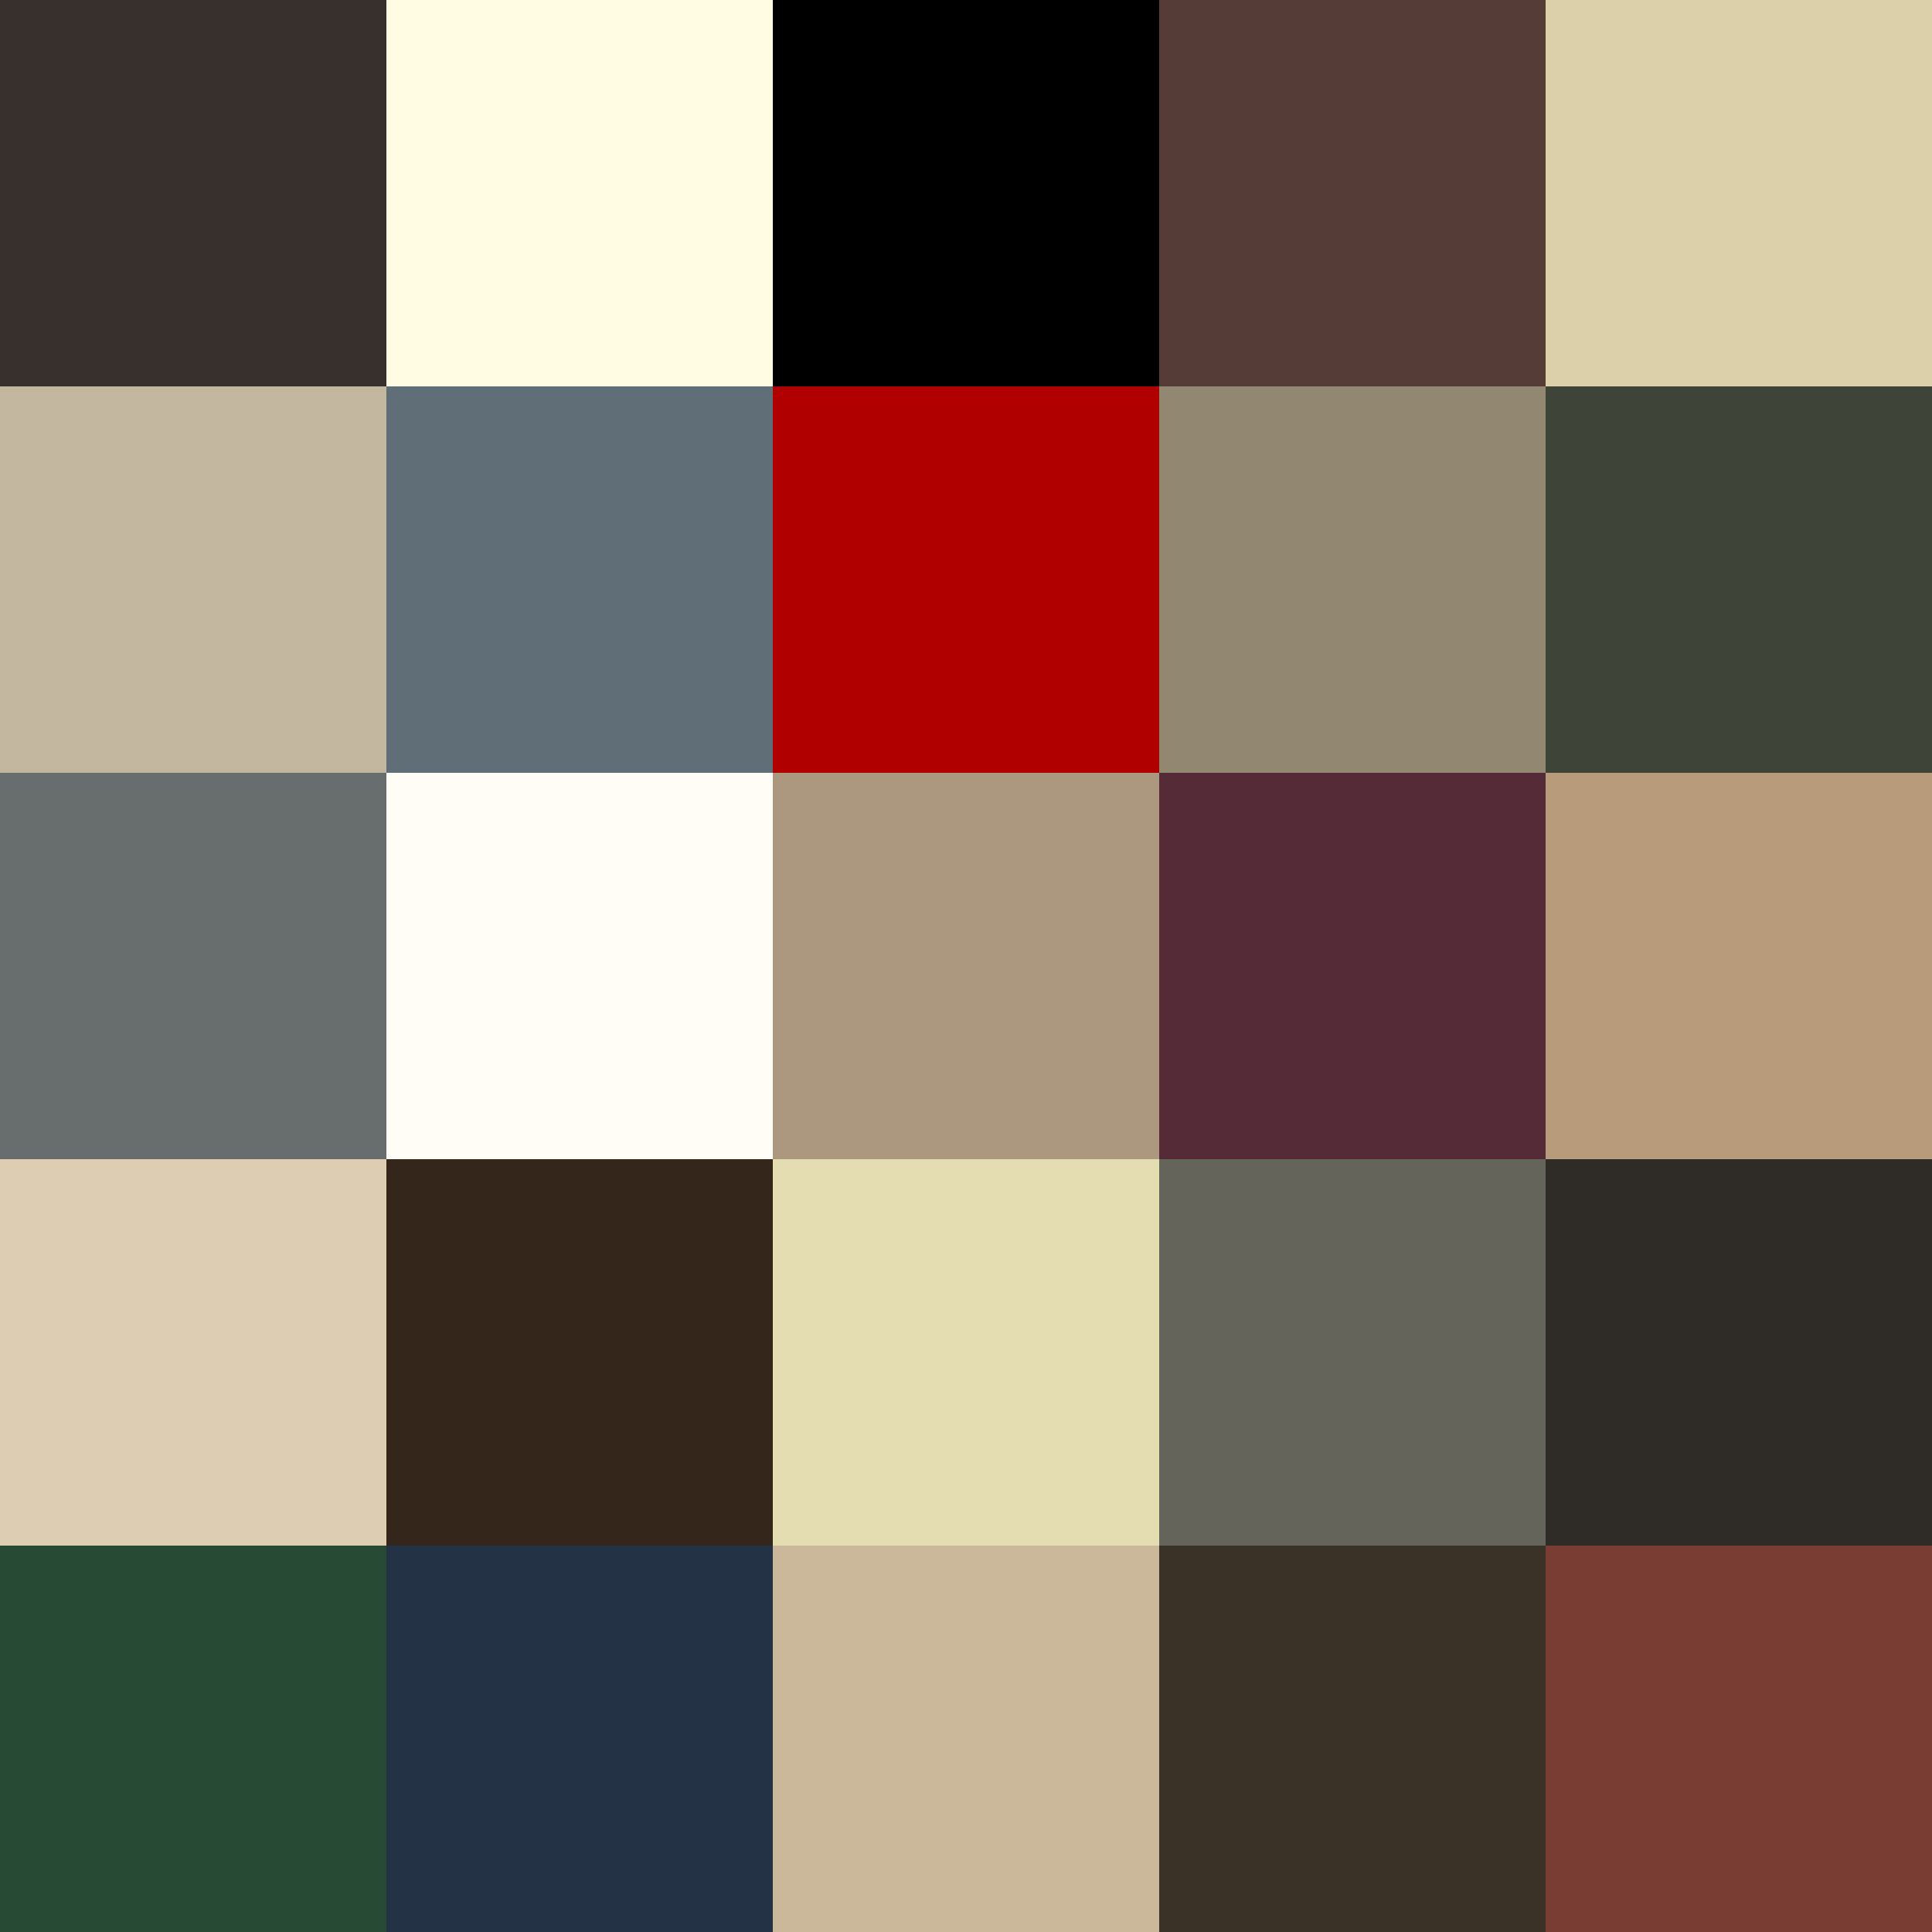 choix couleurs porte - Couleur Porte D Entree